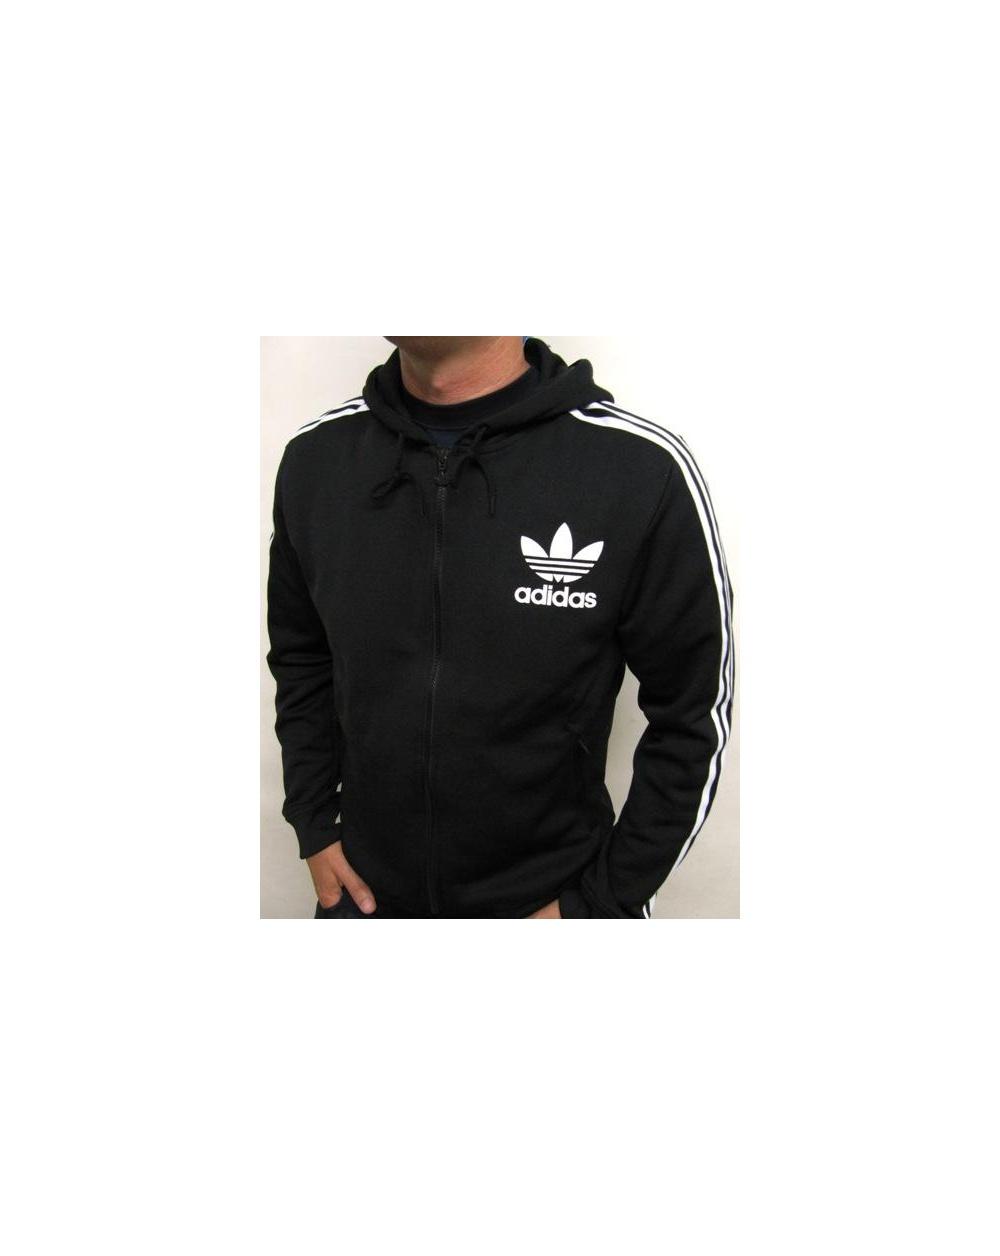 Adidas Originals Flock Hooded Sweatshirt Black, hoody